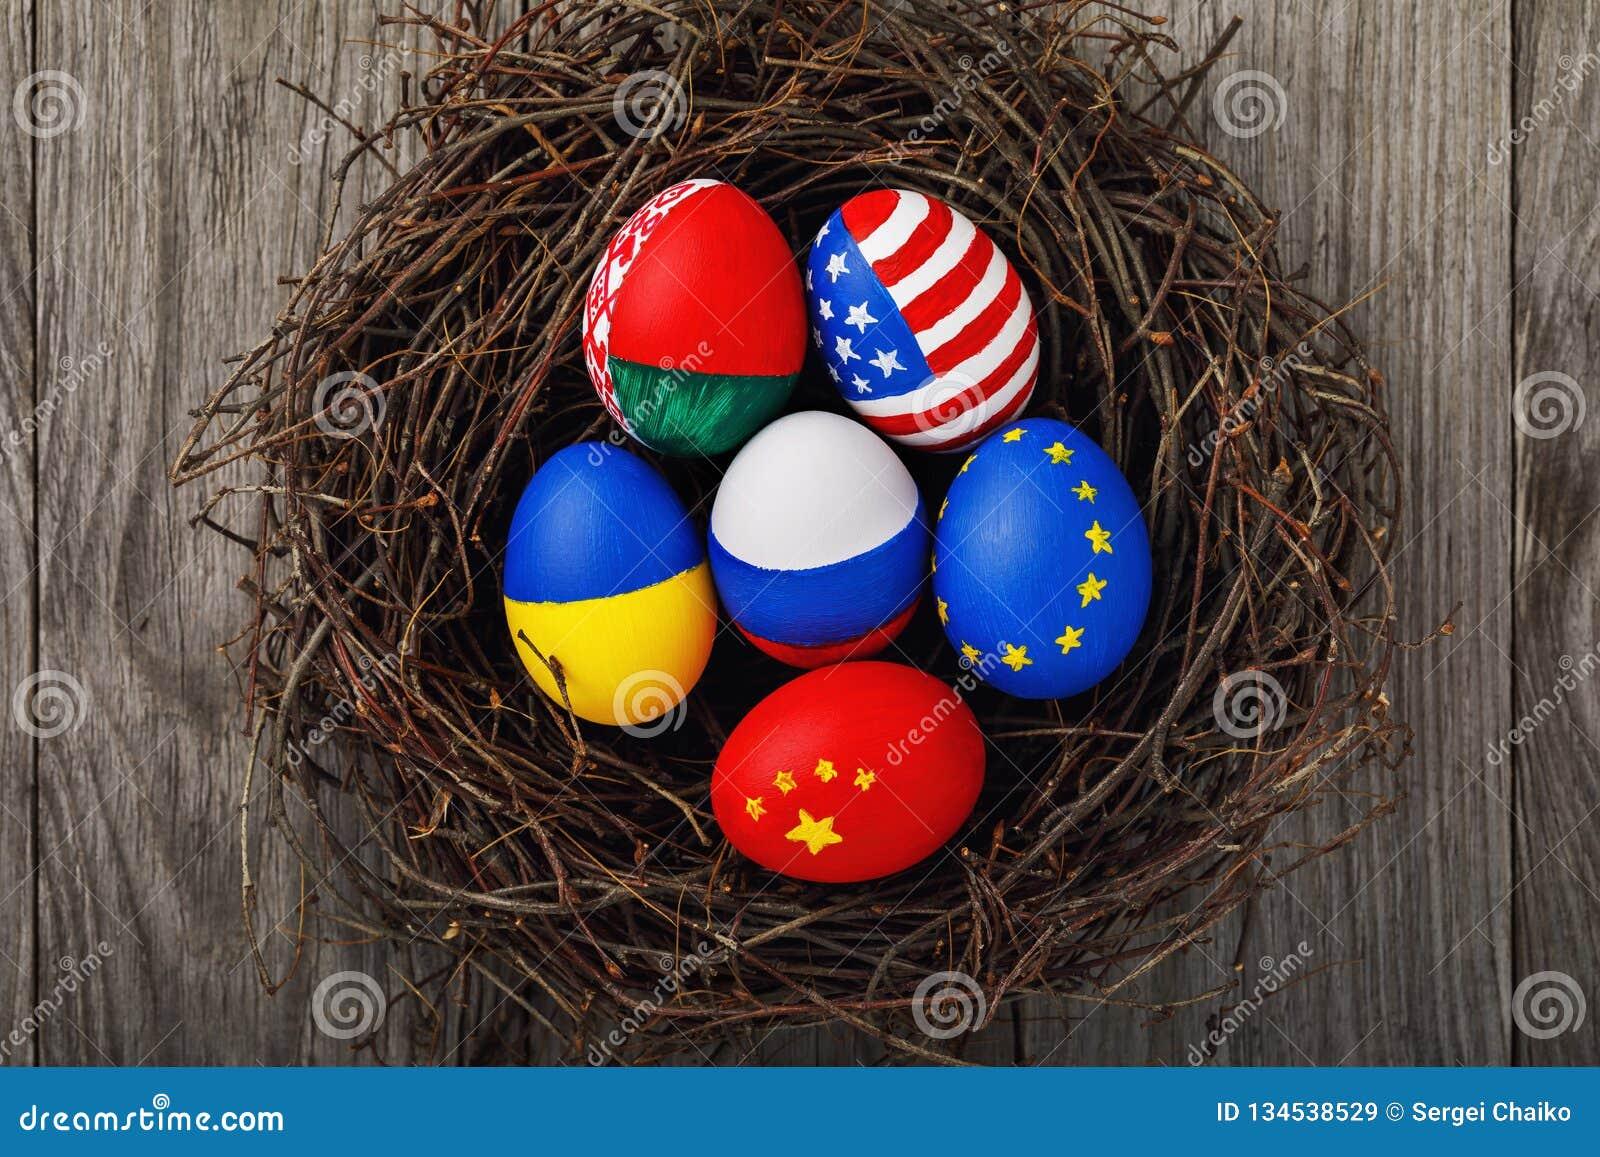 Wielkanocni jajka malowali w kolorach flagi różni stany świat w gniazdeczku